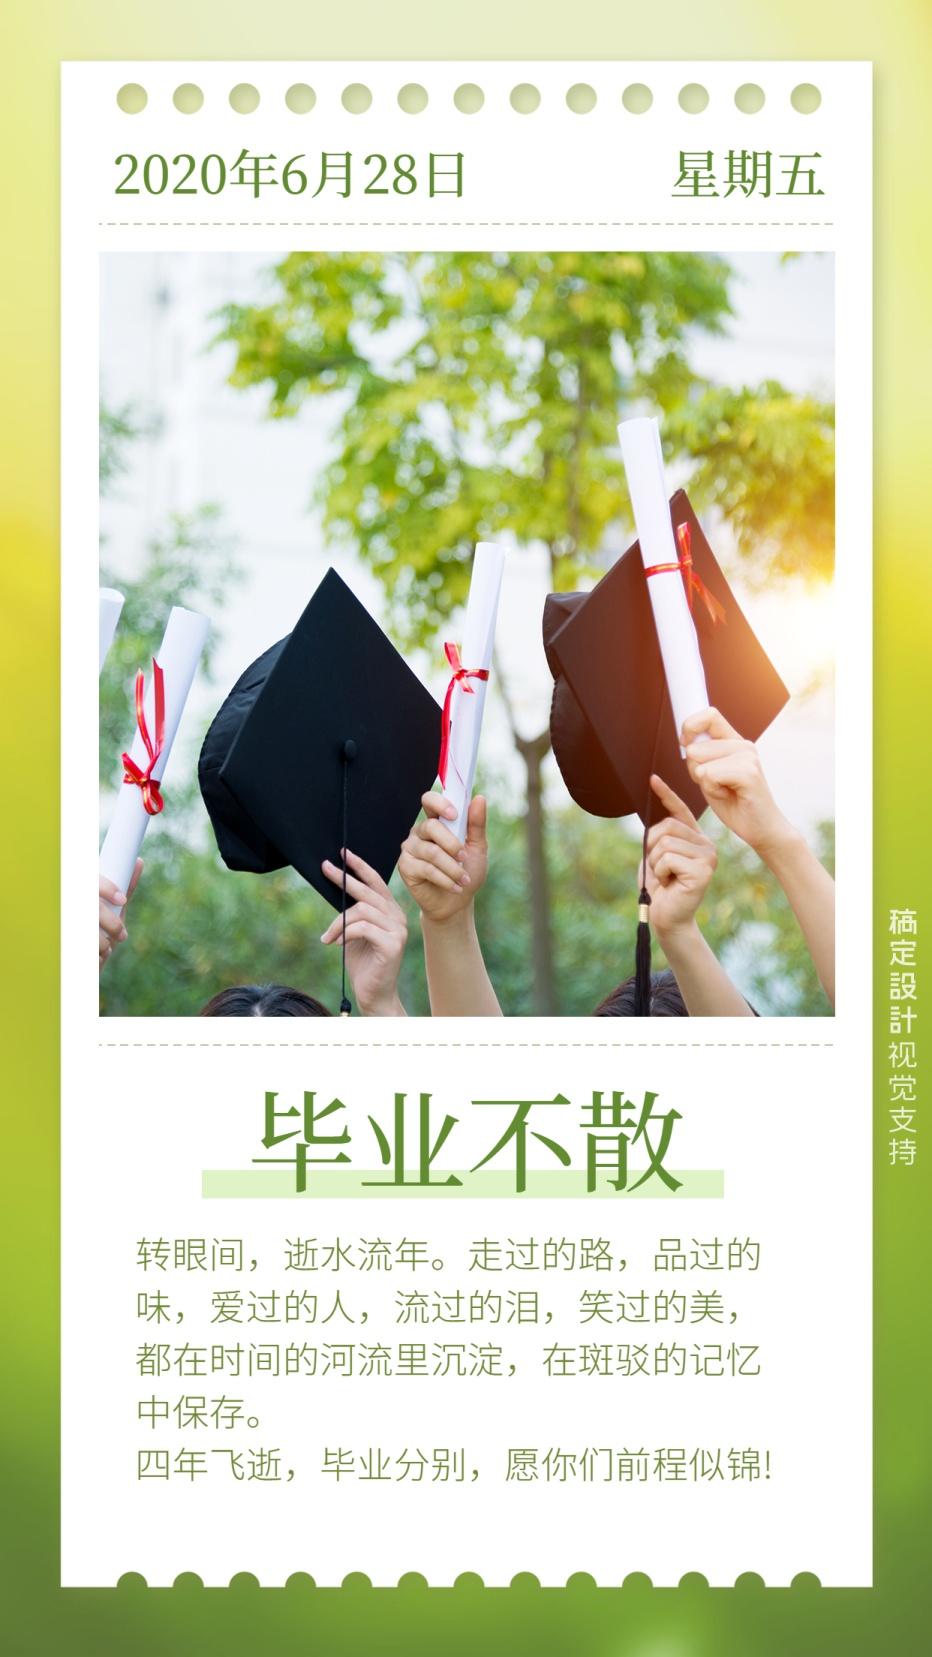 毕业纪念相册晒图日签海报